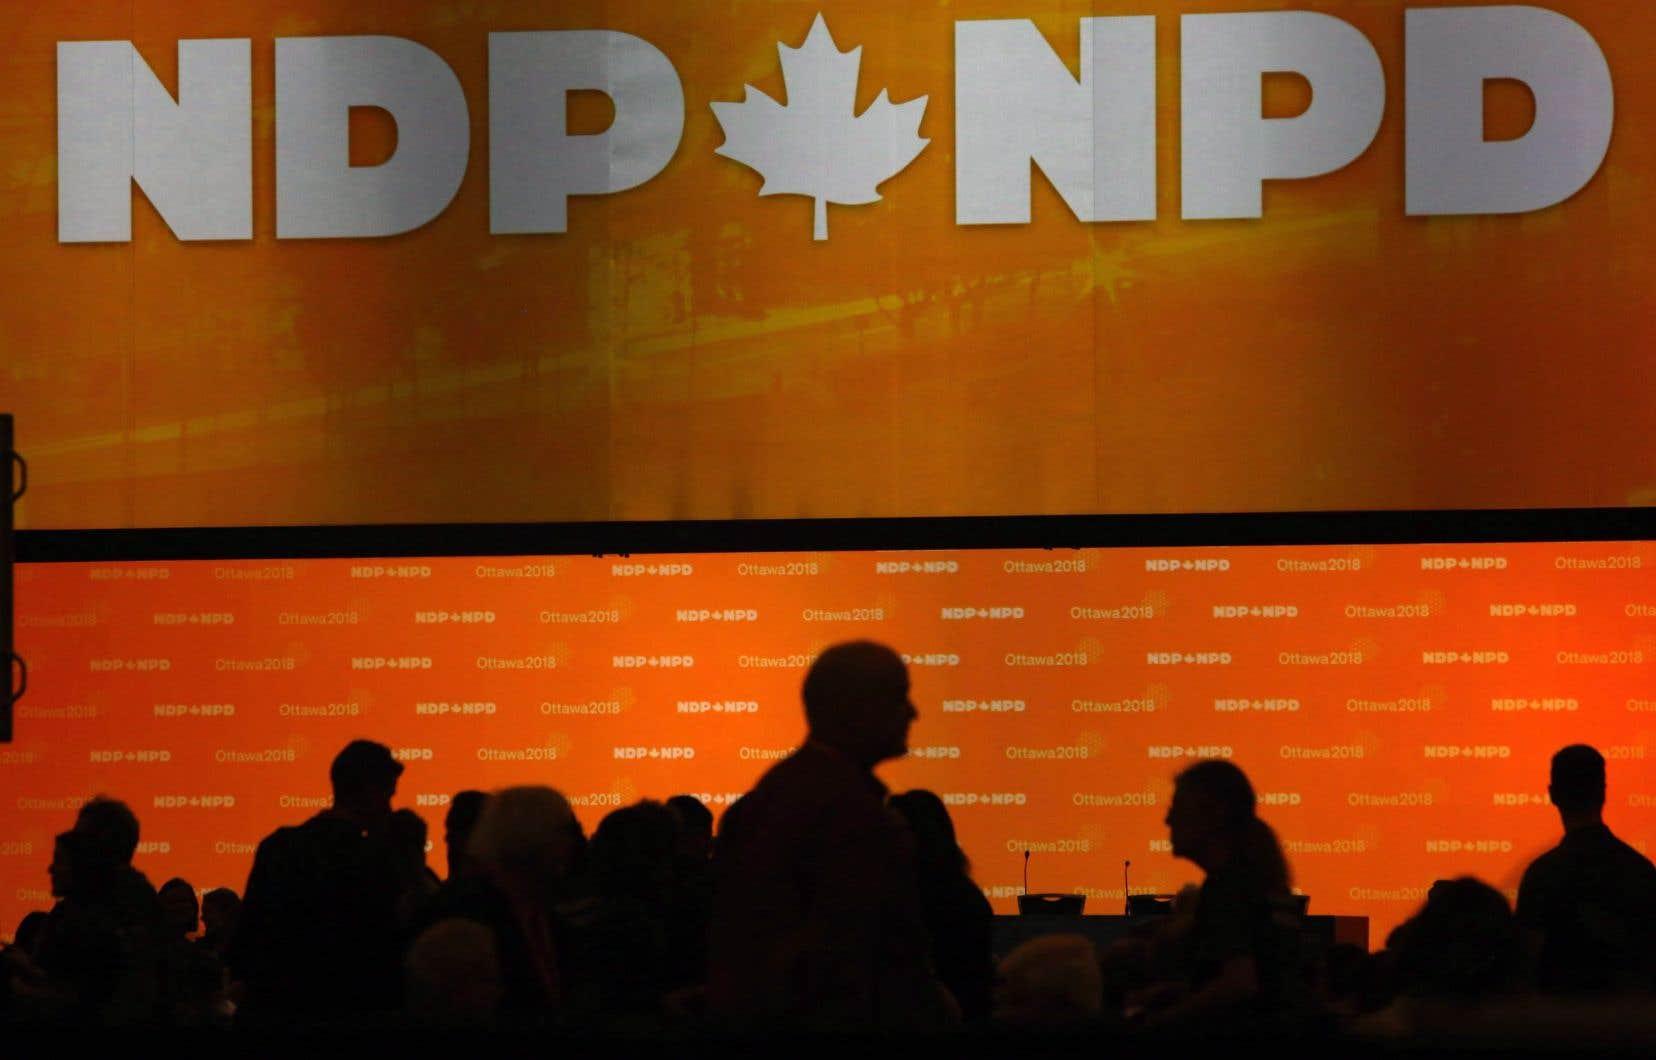 Le congrès du NPD se poursuit pour une deuxième journée, samedi.